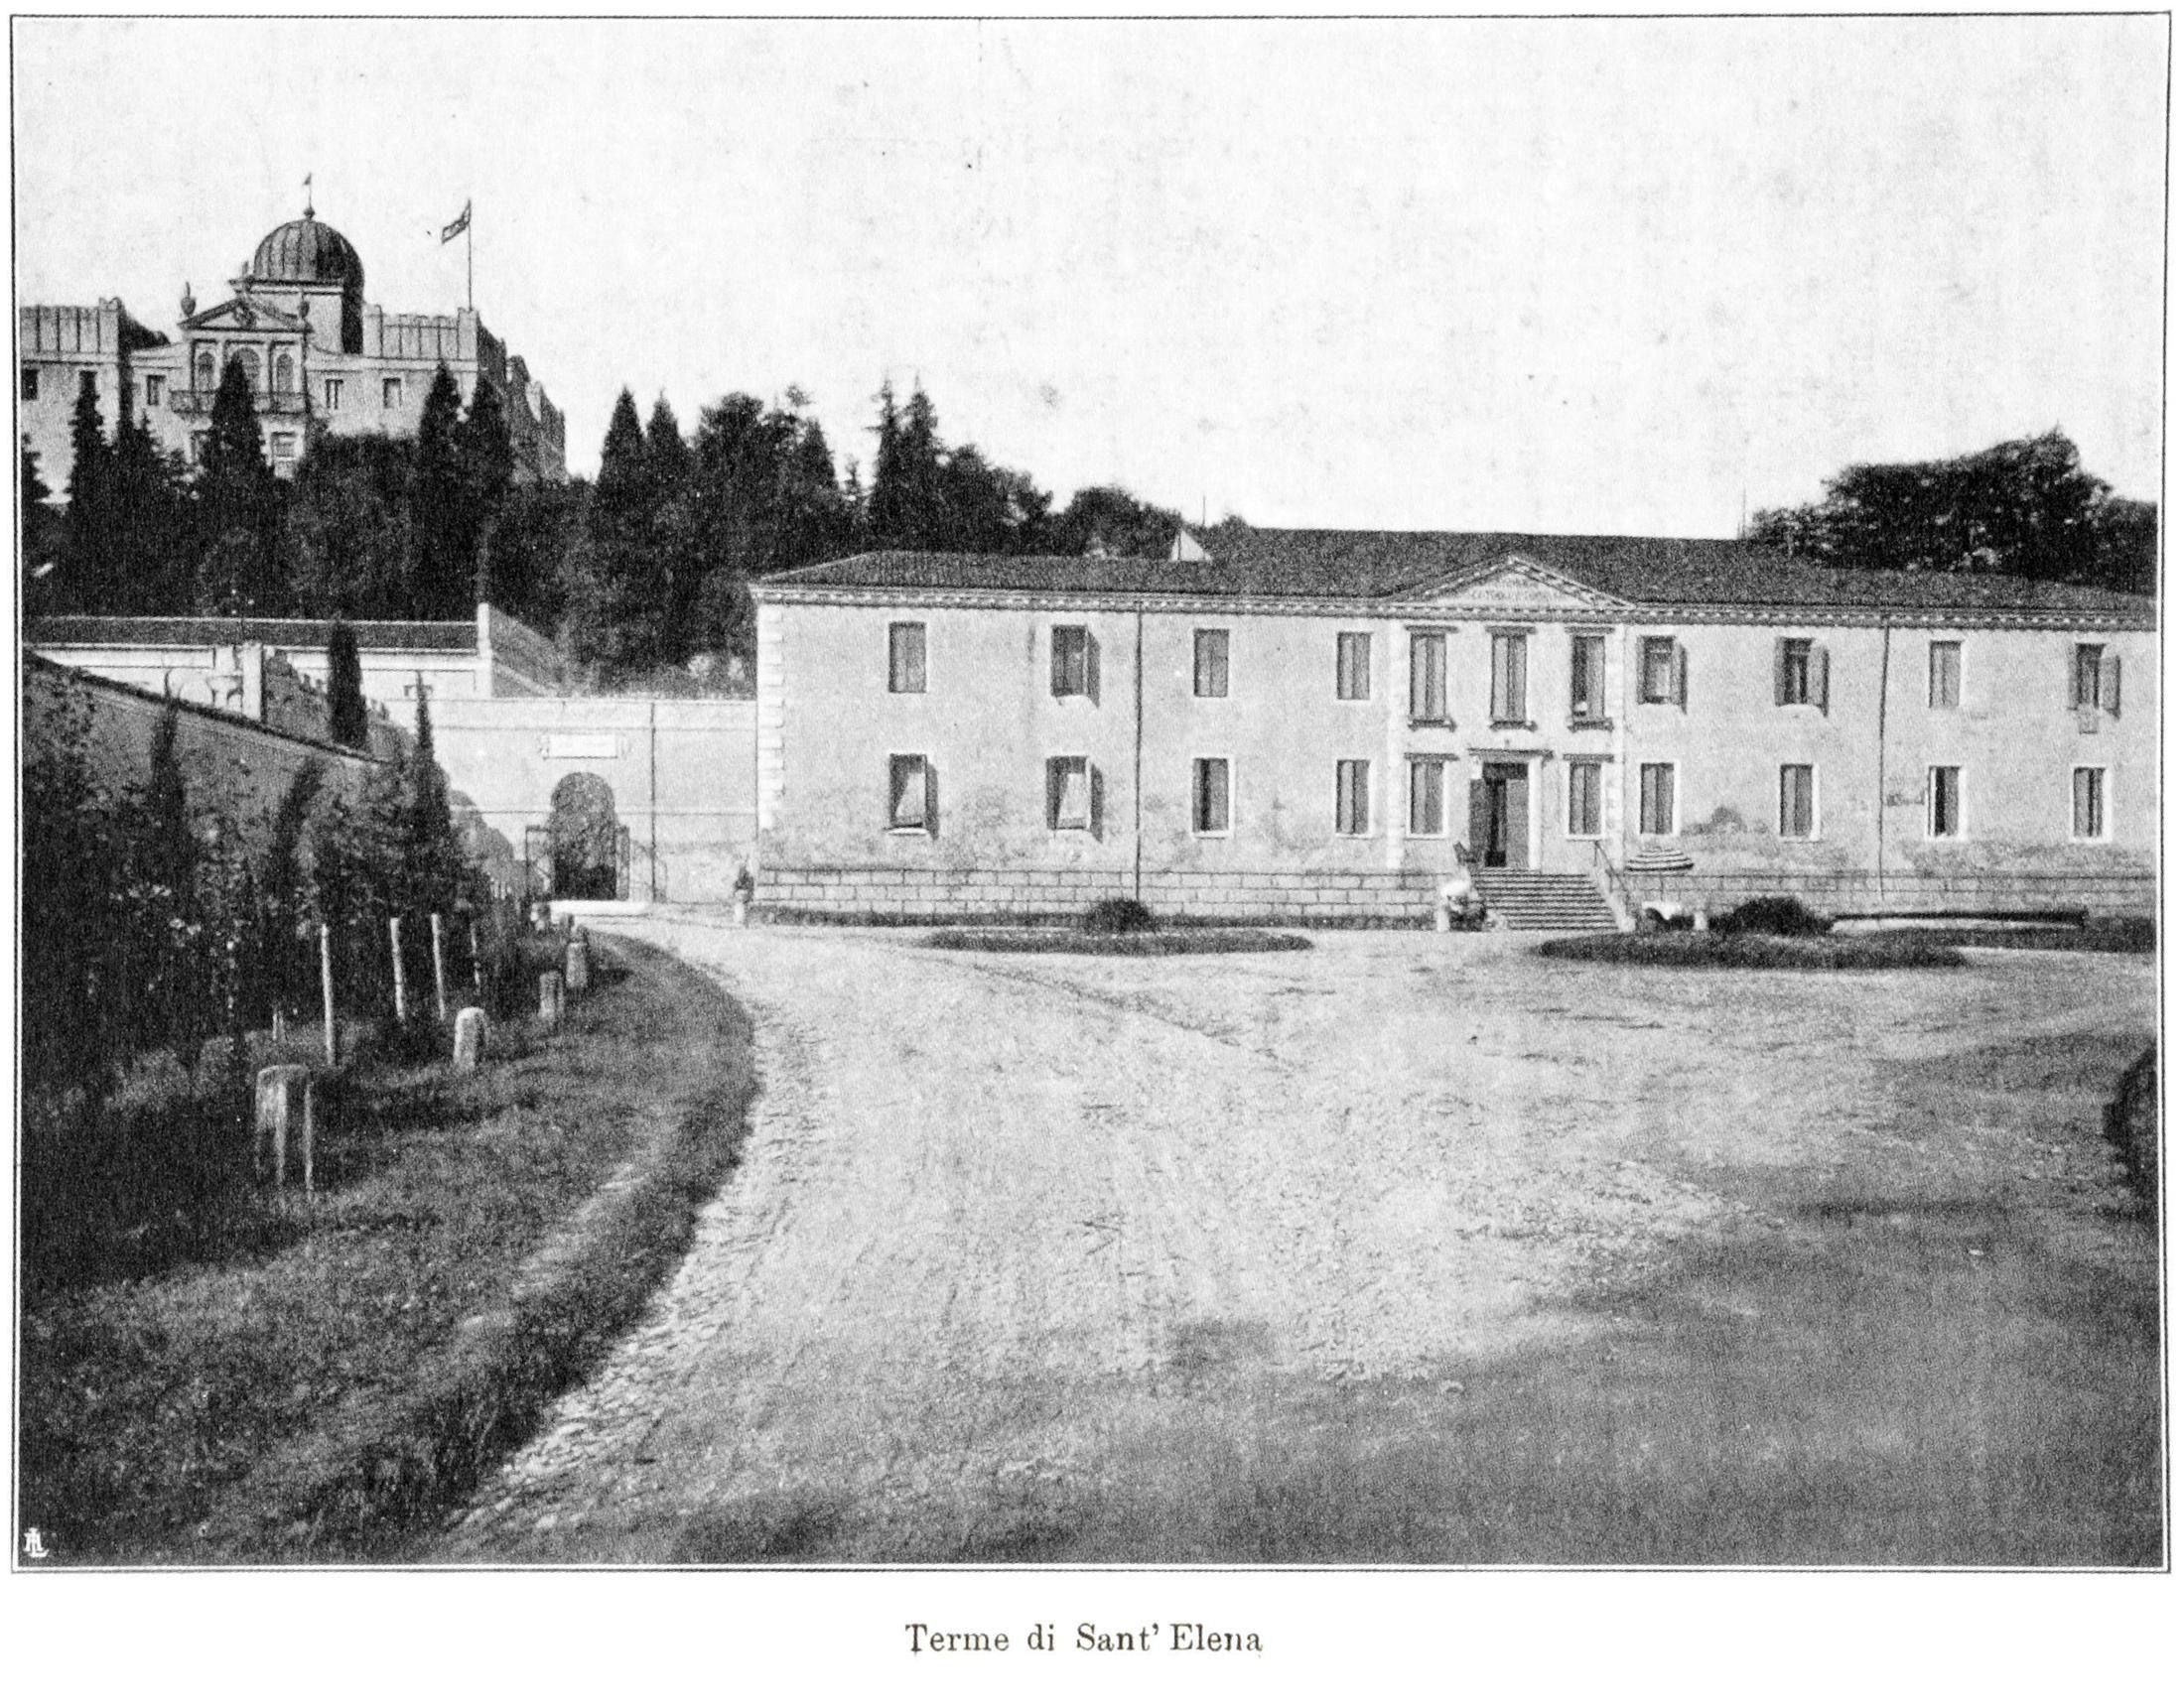 Le terme di Sant'Elena. Sullo sfondo, il Colle di Sant'Elena con la Villa Emo.